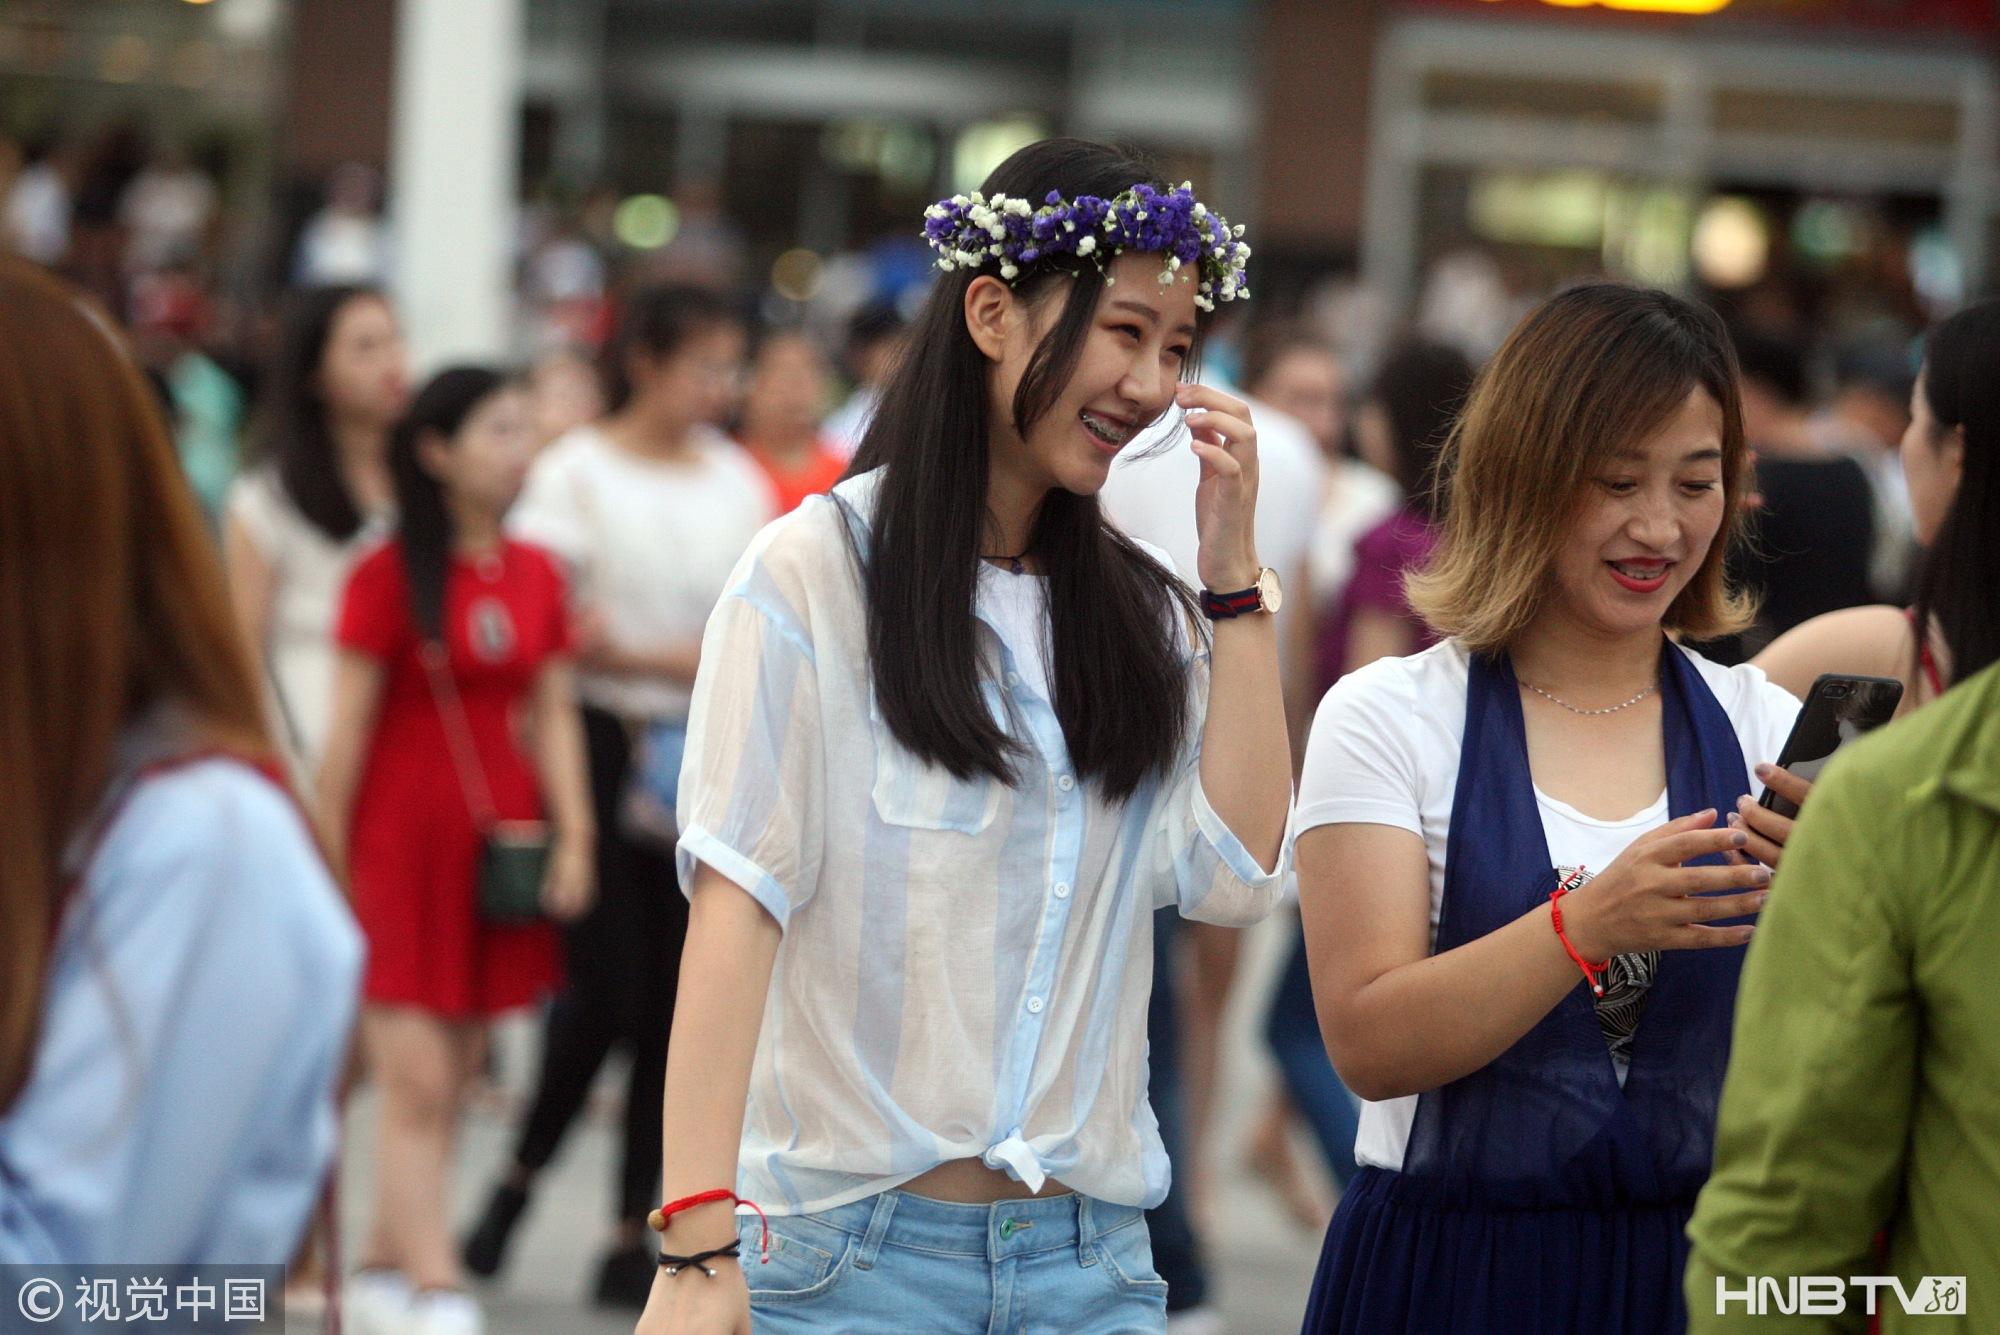 哈尔滨端午小长假 市民前往江畔踏青(组图)